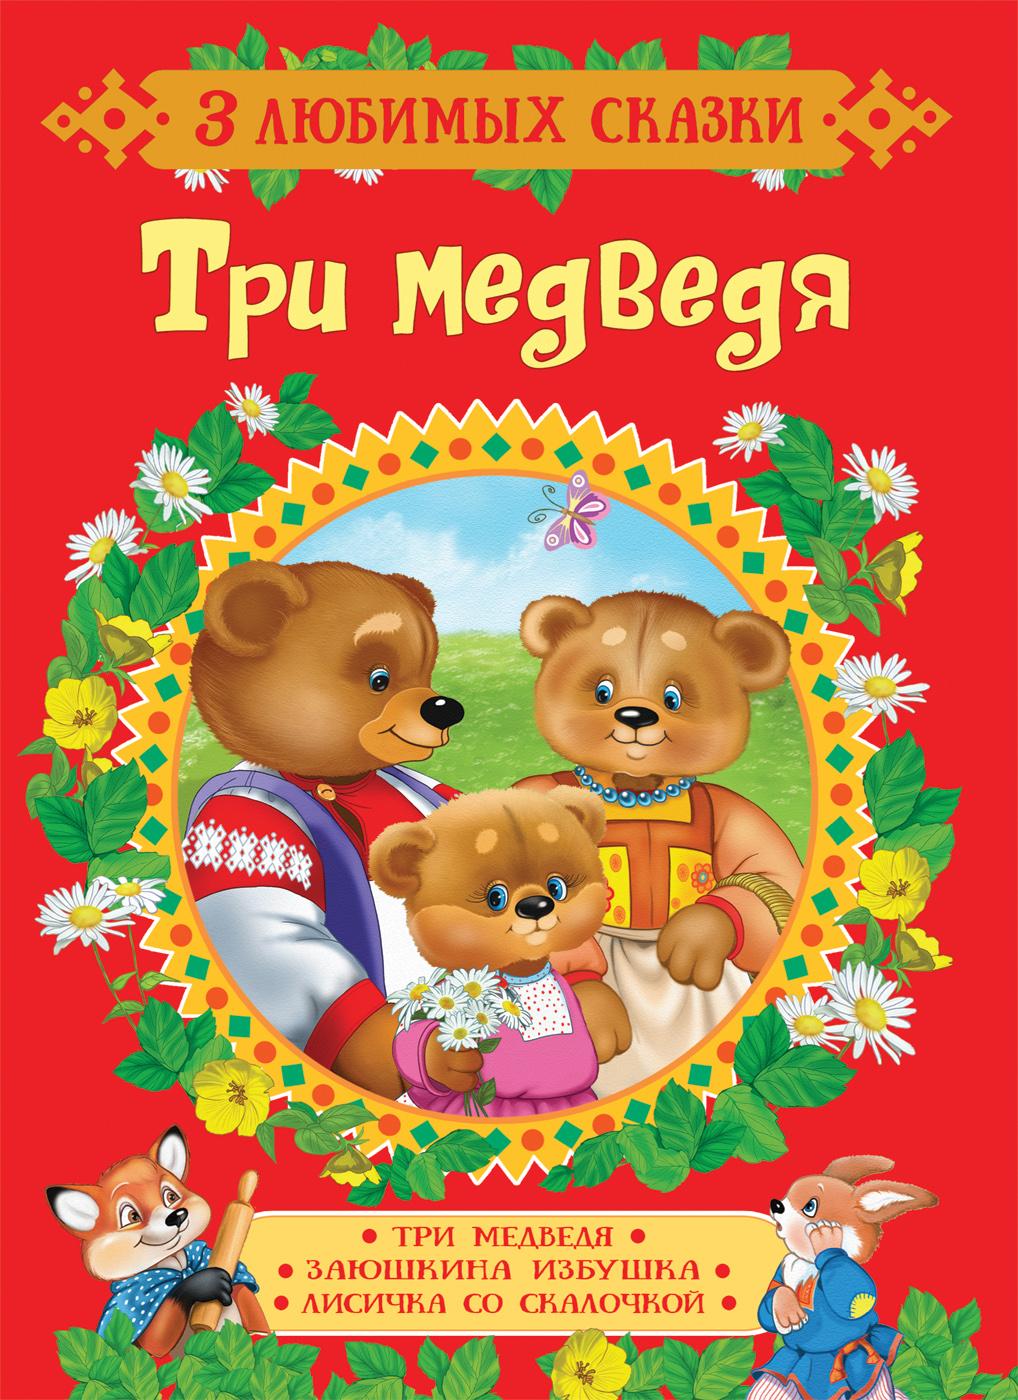 Капица О. И. Три медведя. Сказки (3 любимых сказки) цена